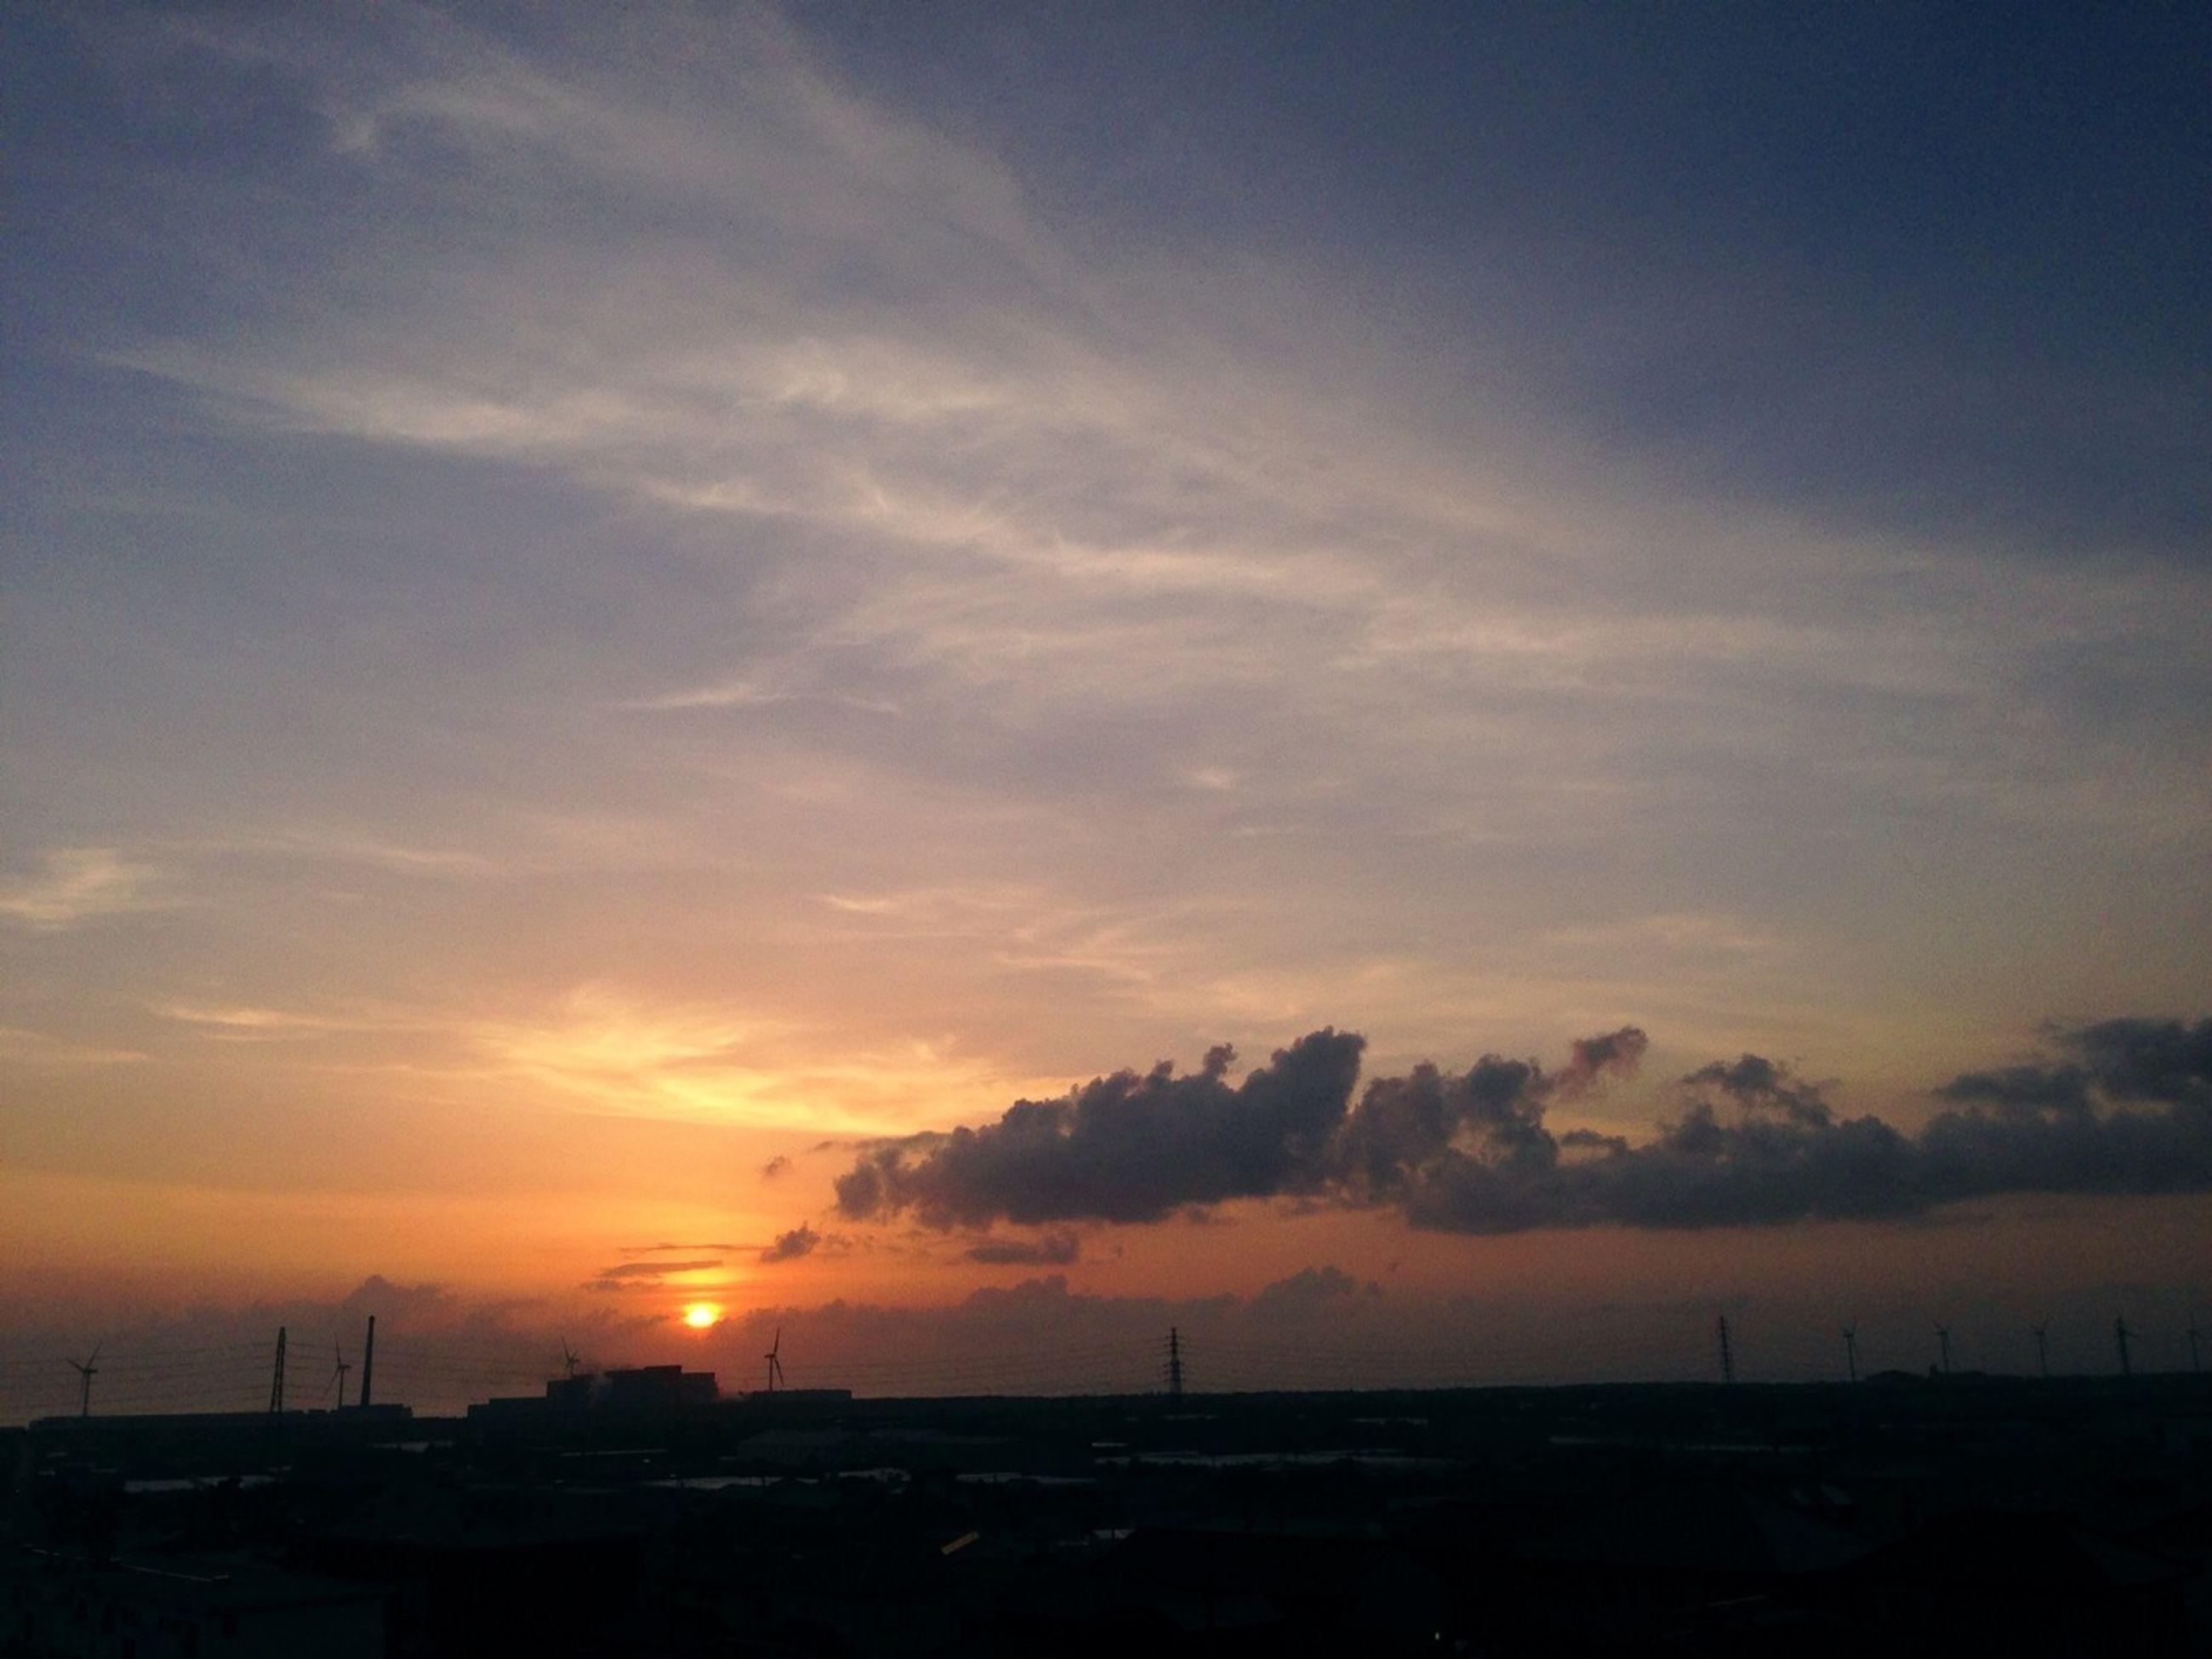 sunset, sun, orange color, silhouette, sky, scenics, beauty in nature, tranquil scene, tranquility, cloud - sky, nature, idyllic, sunlight, outdoors, sunbeam, cloud, no people, landscape, dramatic sky, dark